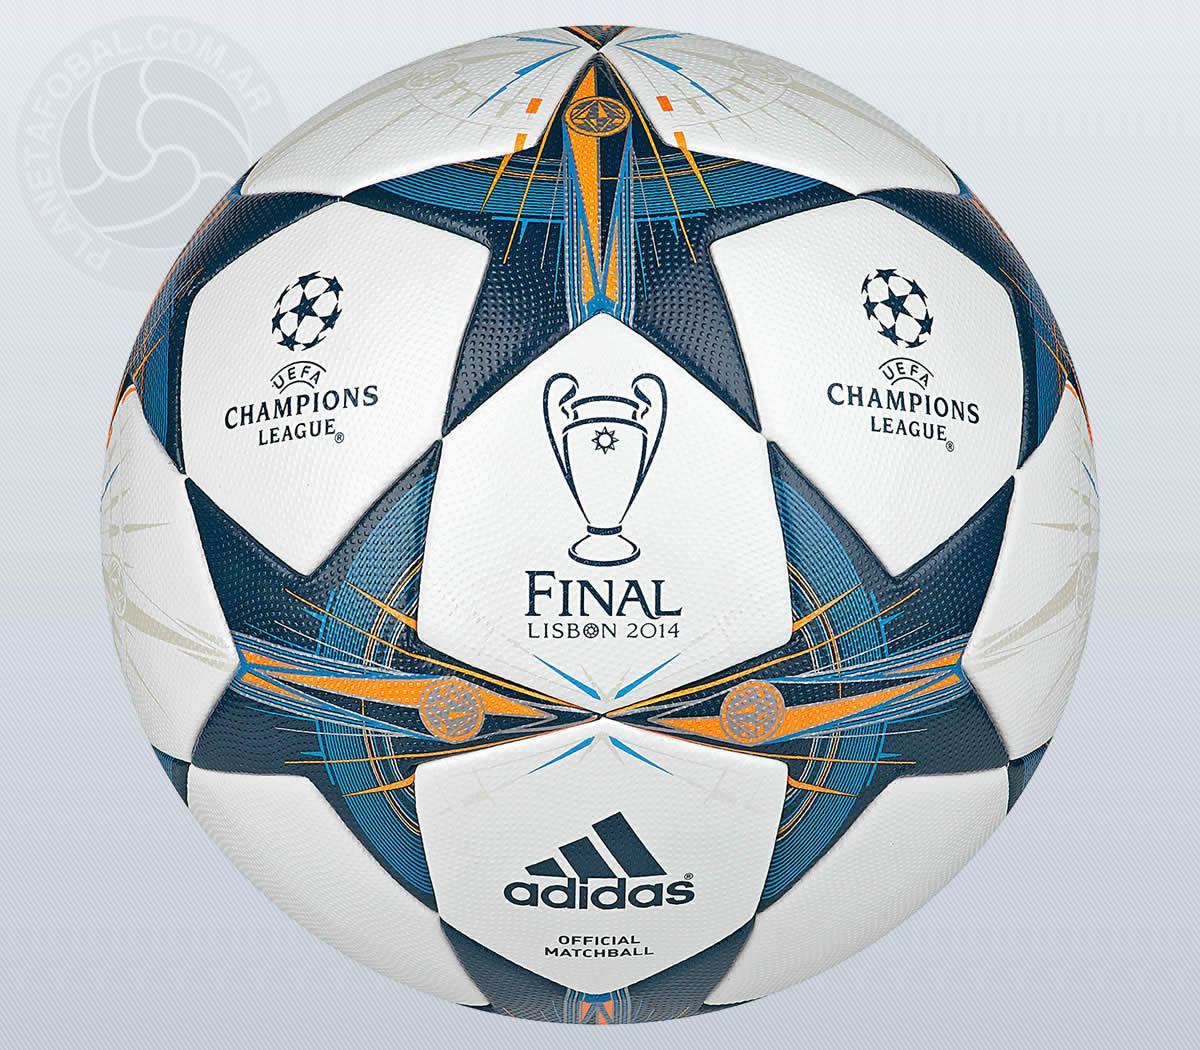 Asi es la pelota de la final de Lisboa | Foto Adidas